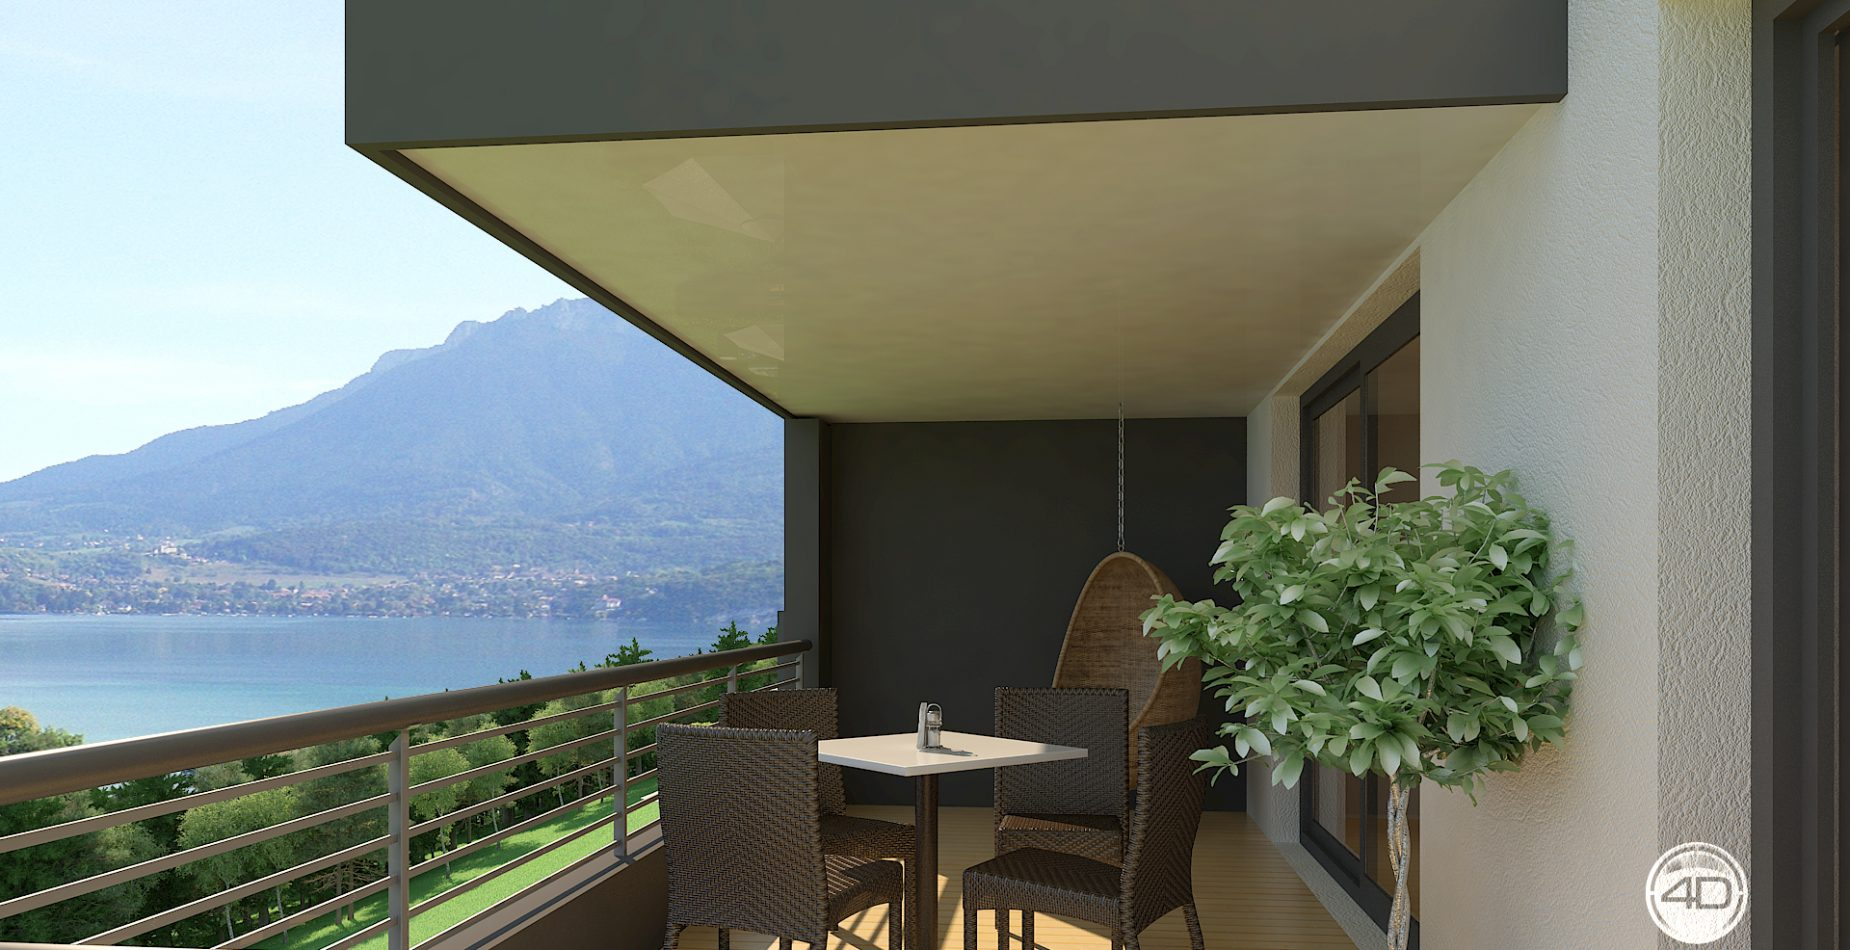 Edificio_4D-univers-townhouse_lac_annecy_3D-villa_00005